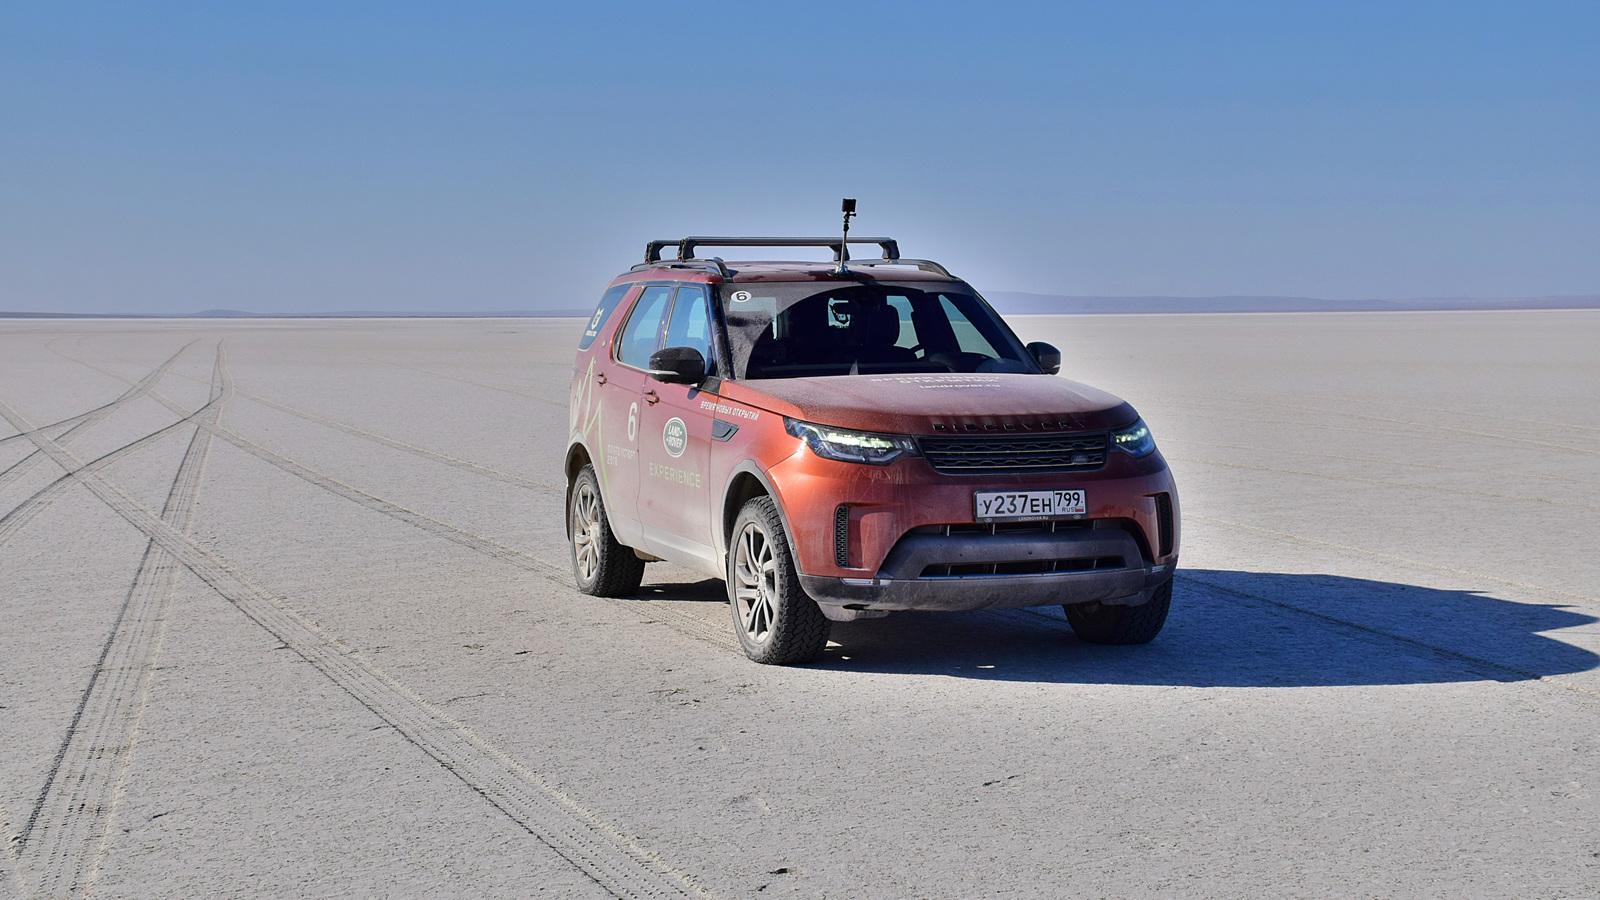 352 - Близкий космос: на новом Land Rover Discovery – по плато Устюрт